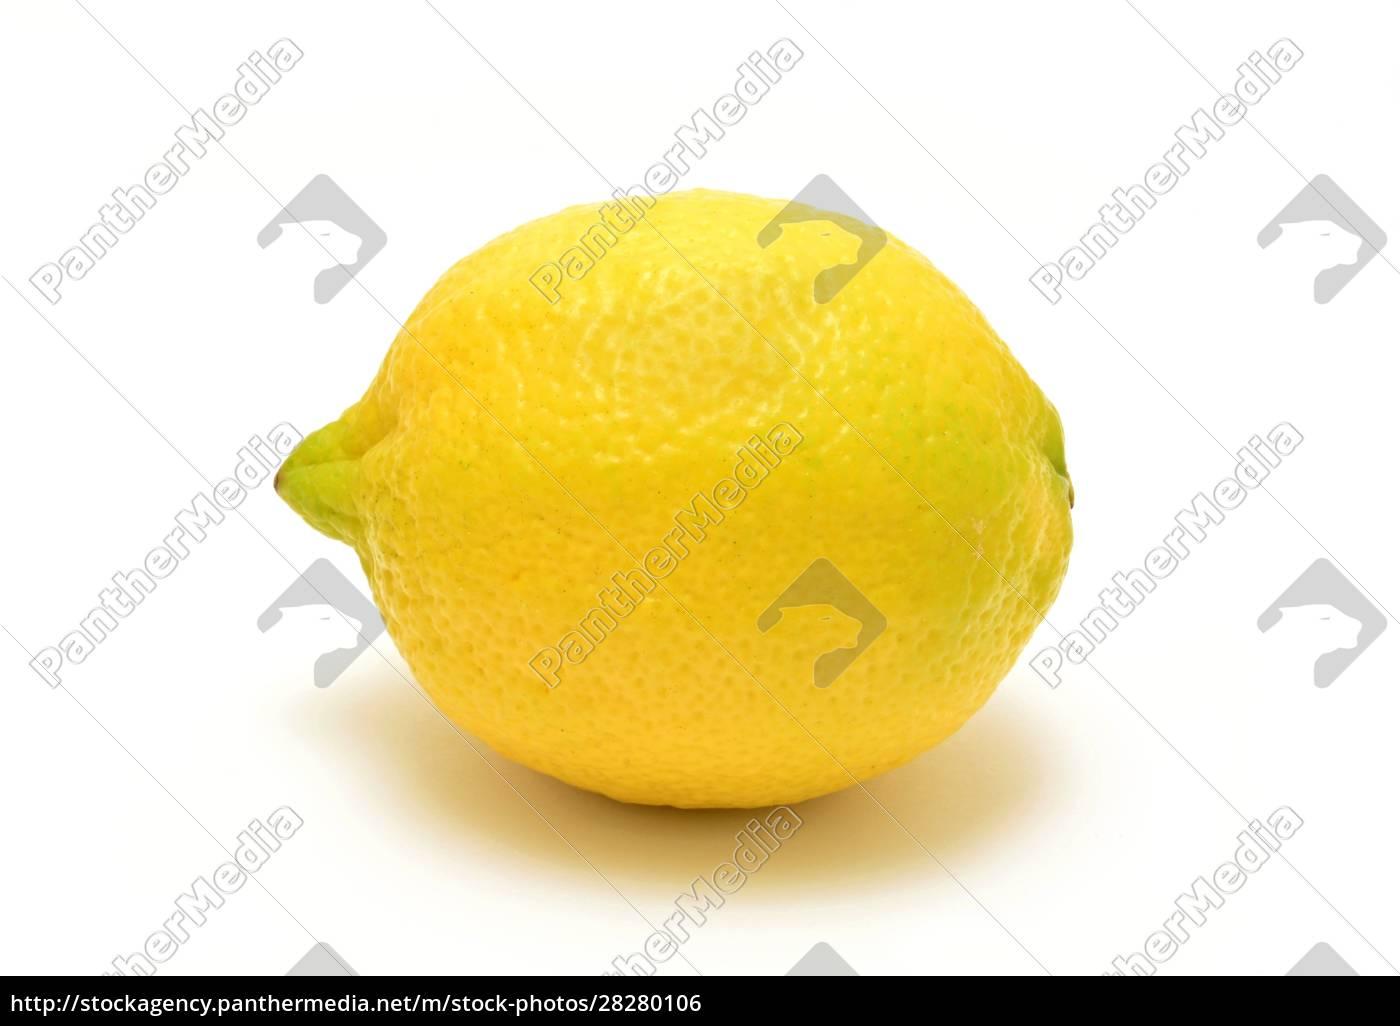 whole, lemon, on, white, background - 28280106